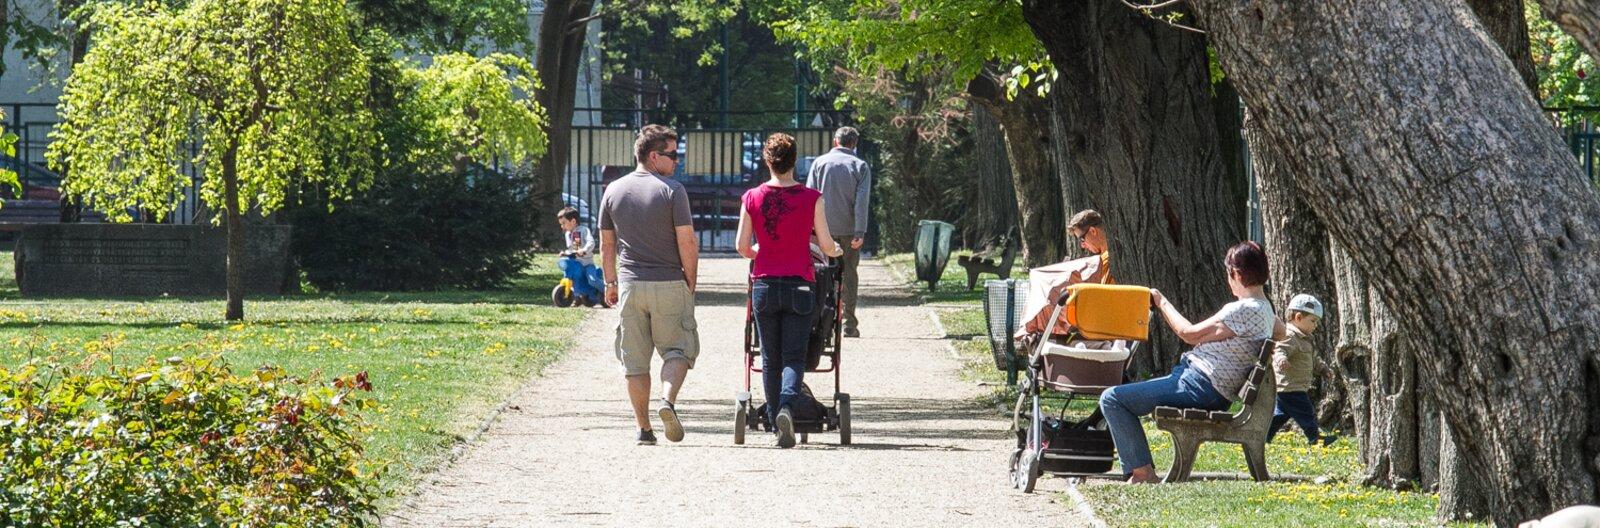 Sétálj, nézelődj, napozz – belvárosi tekergések